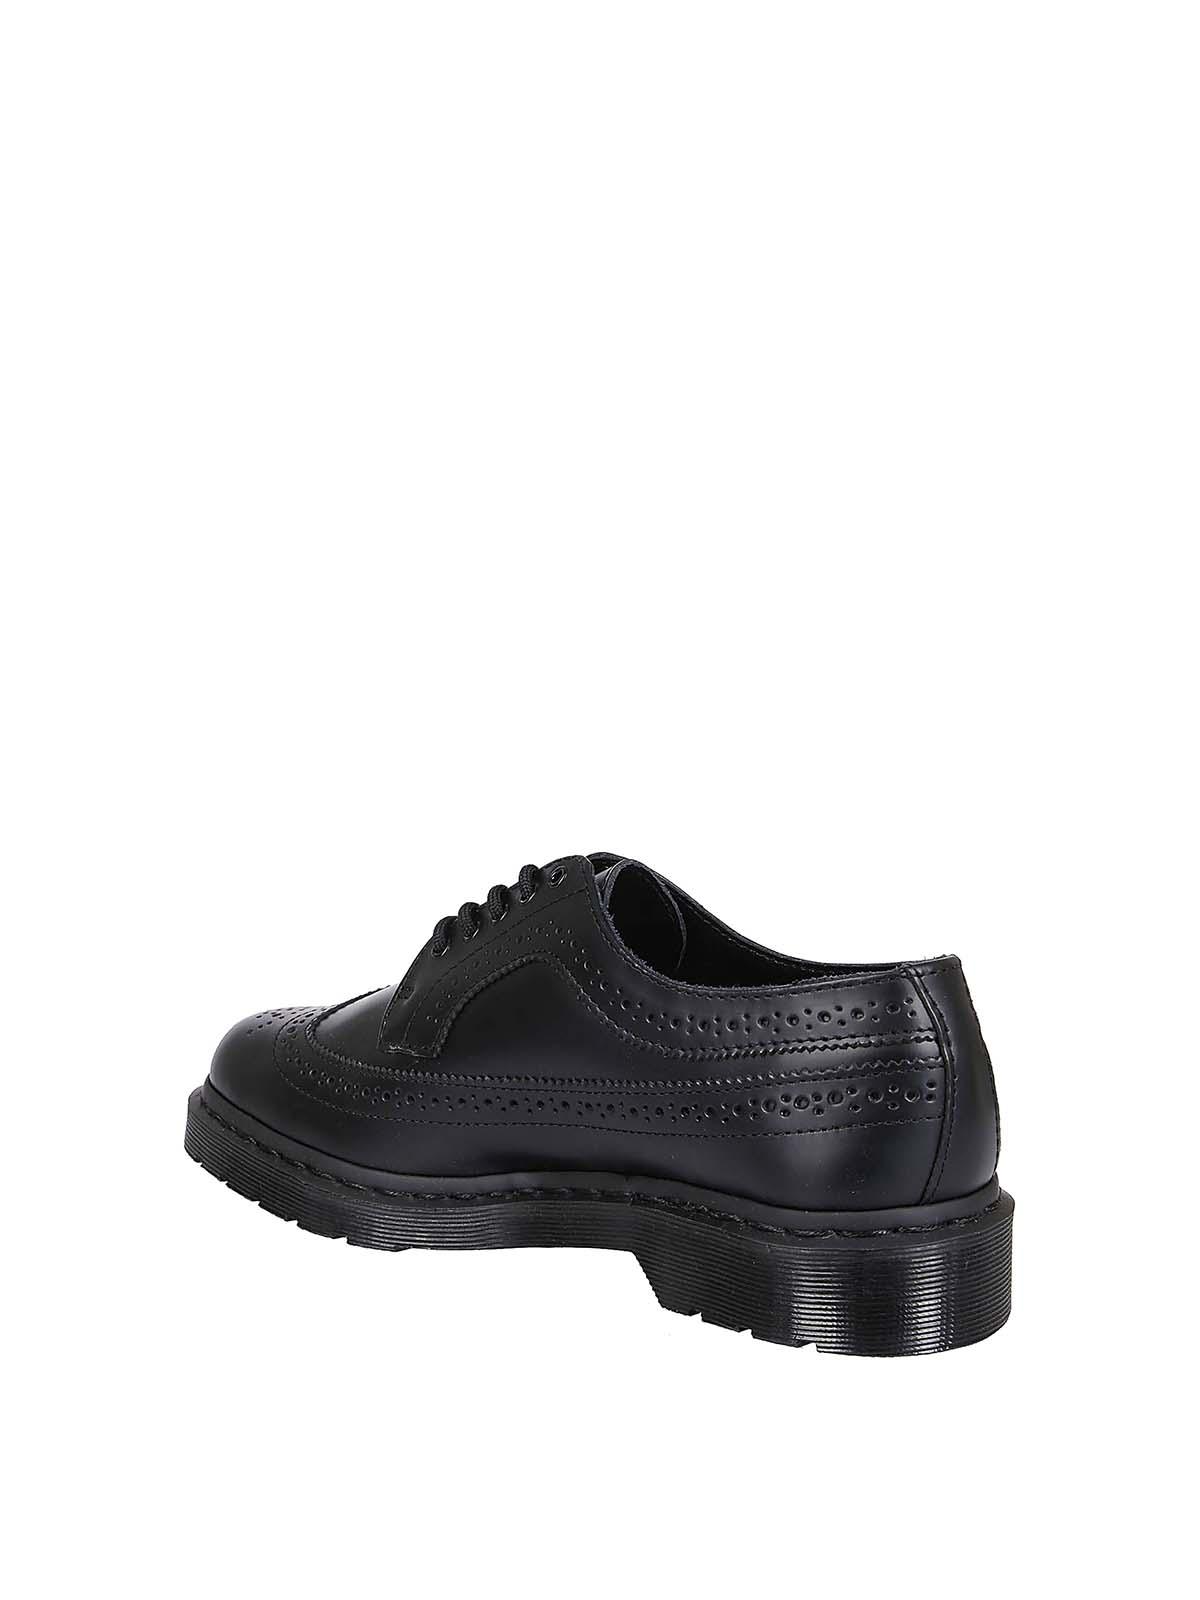 große Auswahl Dr. Martens Brogues und Schnürschuhe Schuhe